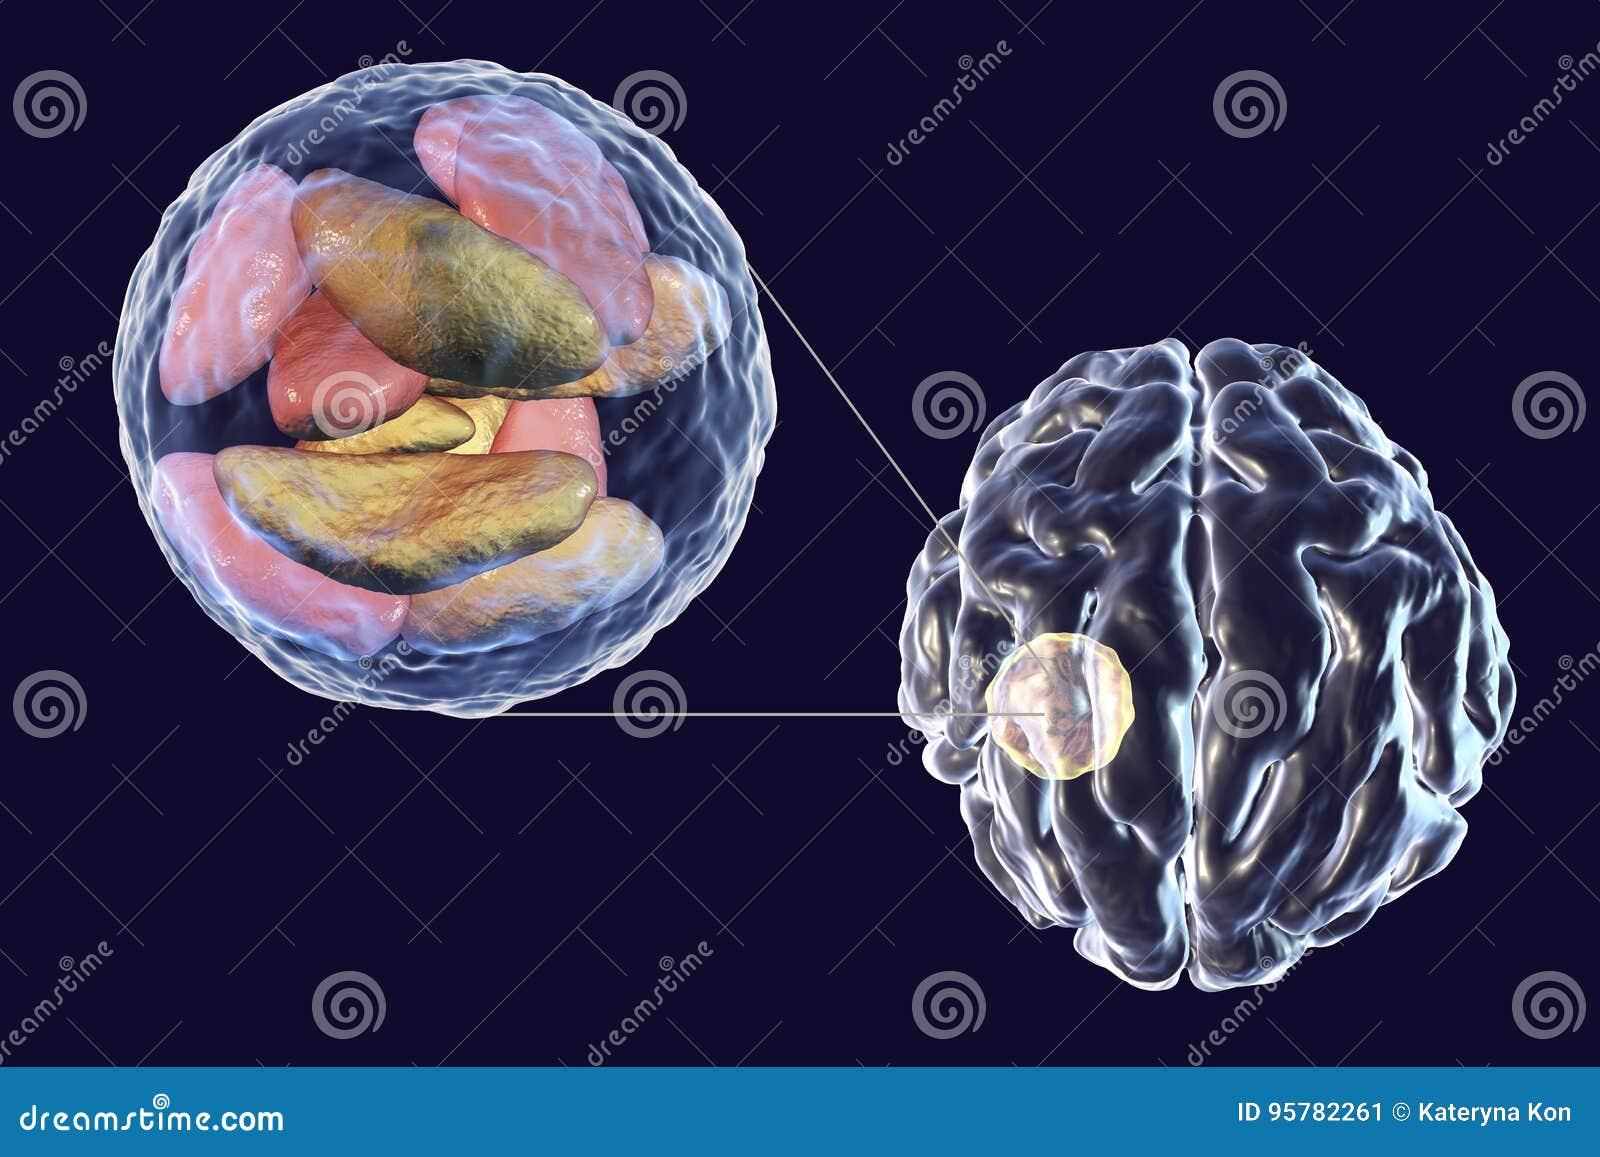 parásito en el cerebro